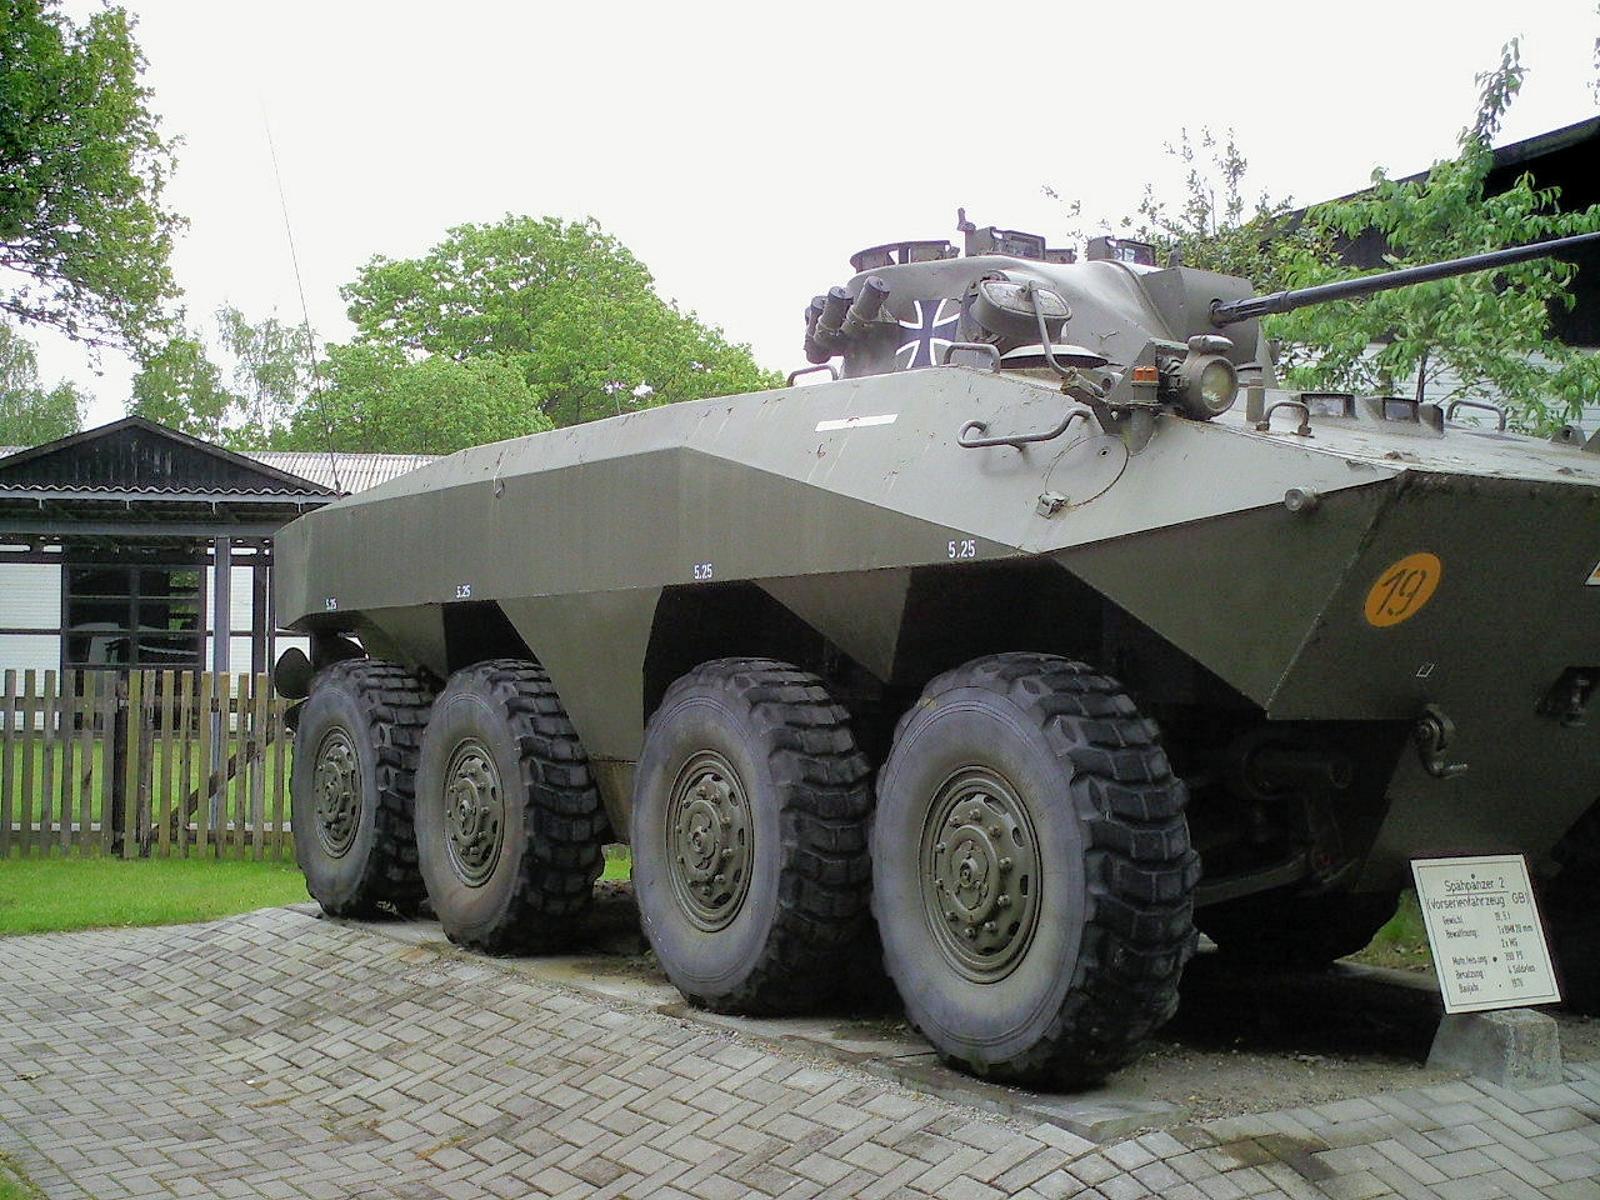 Spahpanzer 2 Prototyyppi